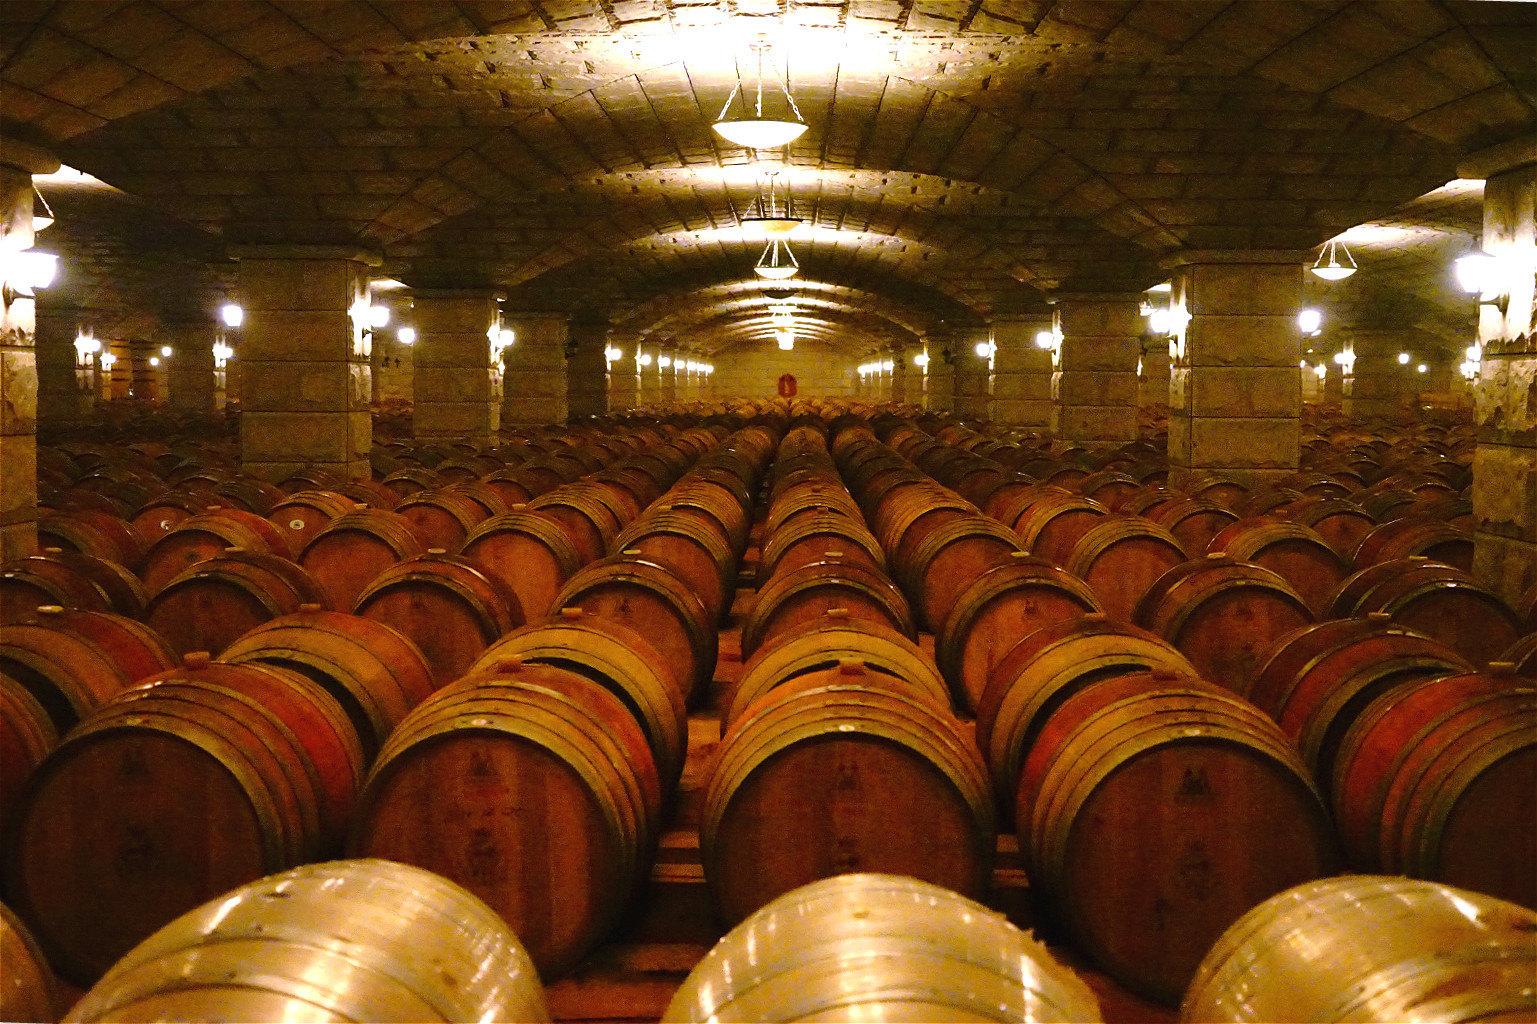 紫轩葡萄酒攻略旅游景点攻略图想游说修真大全庄园不想一总结图片